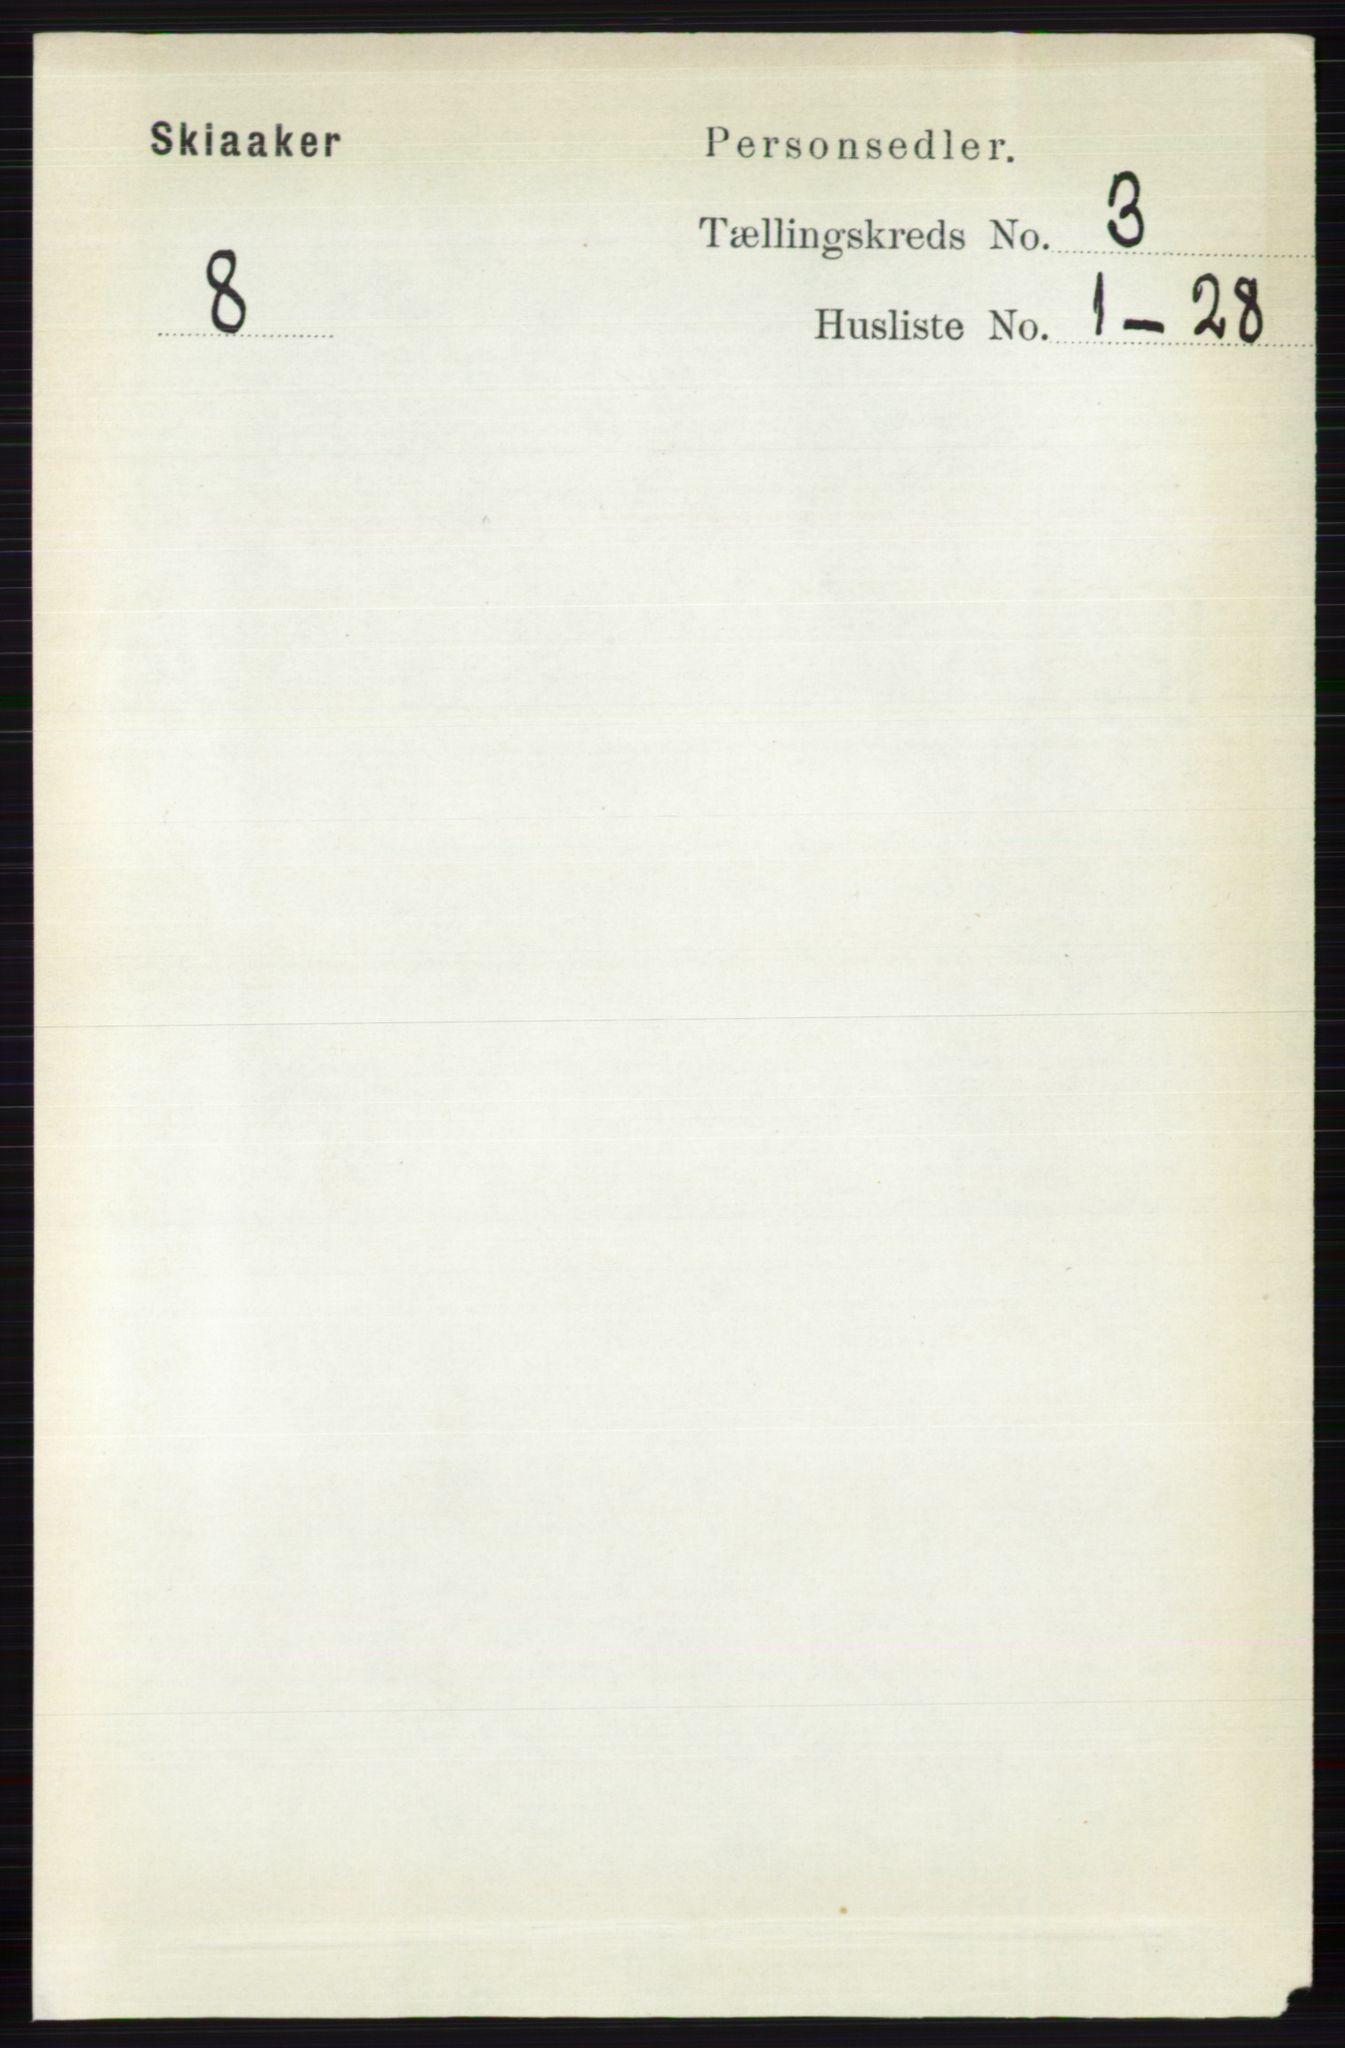 RA, Folketelling 1891 for 0513 Skjåk herred, 1891, s. 948